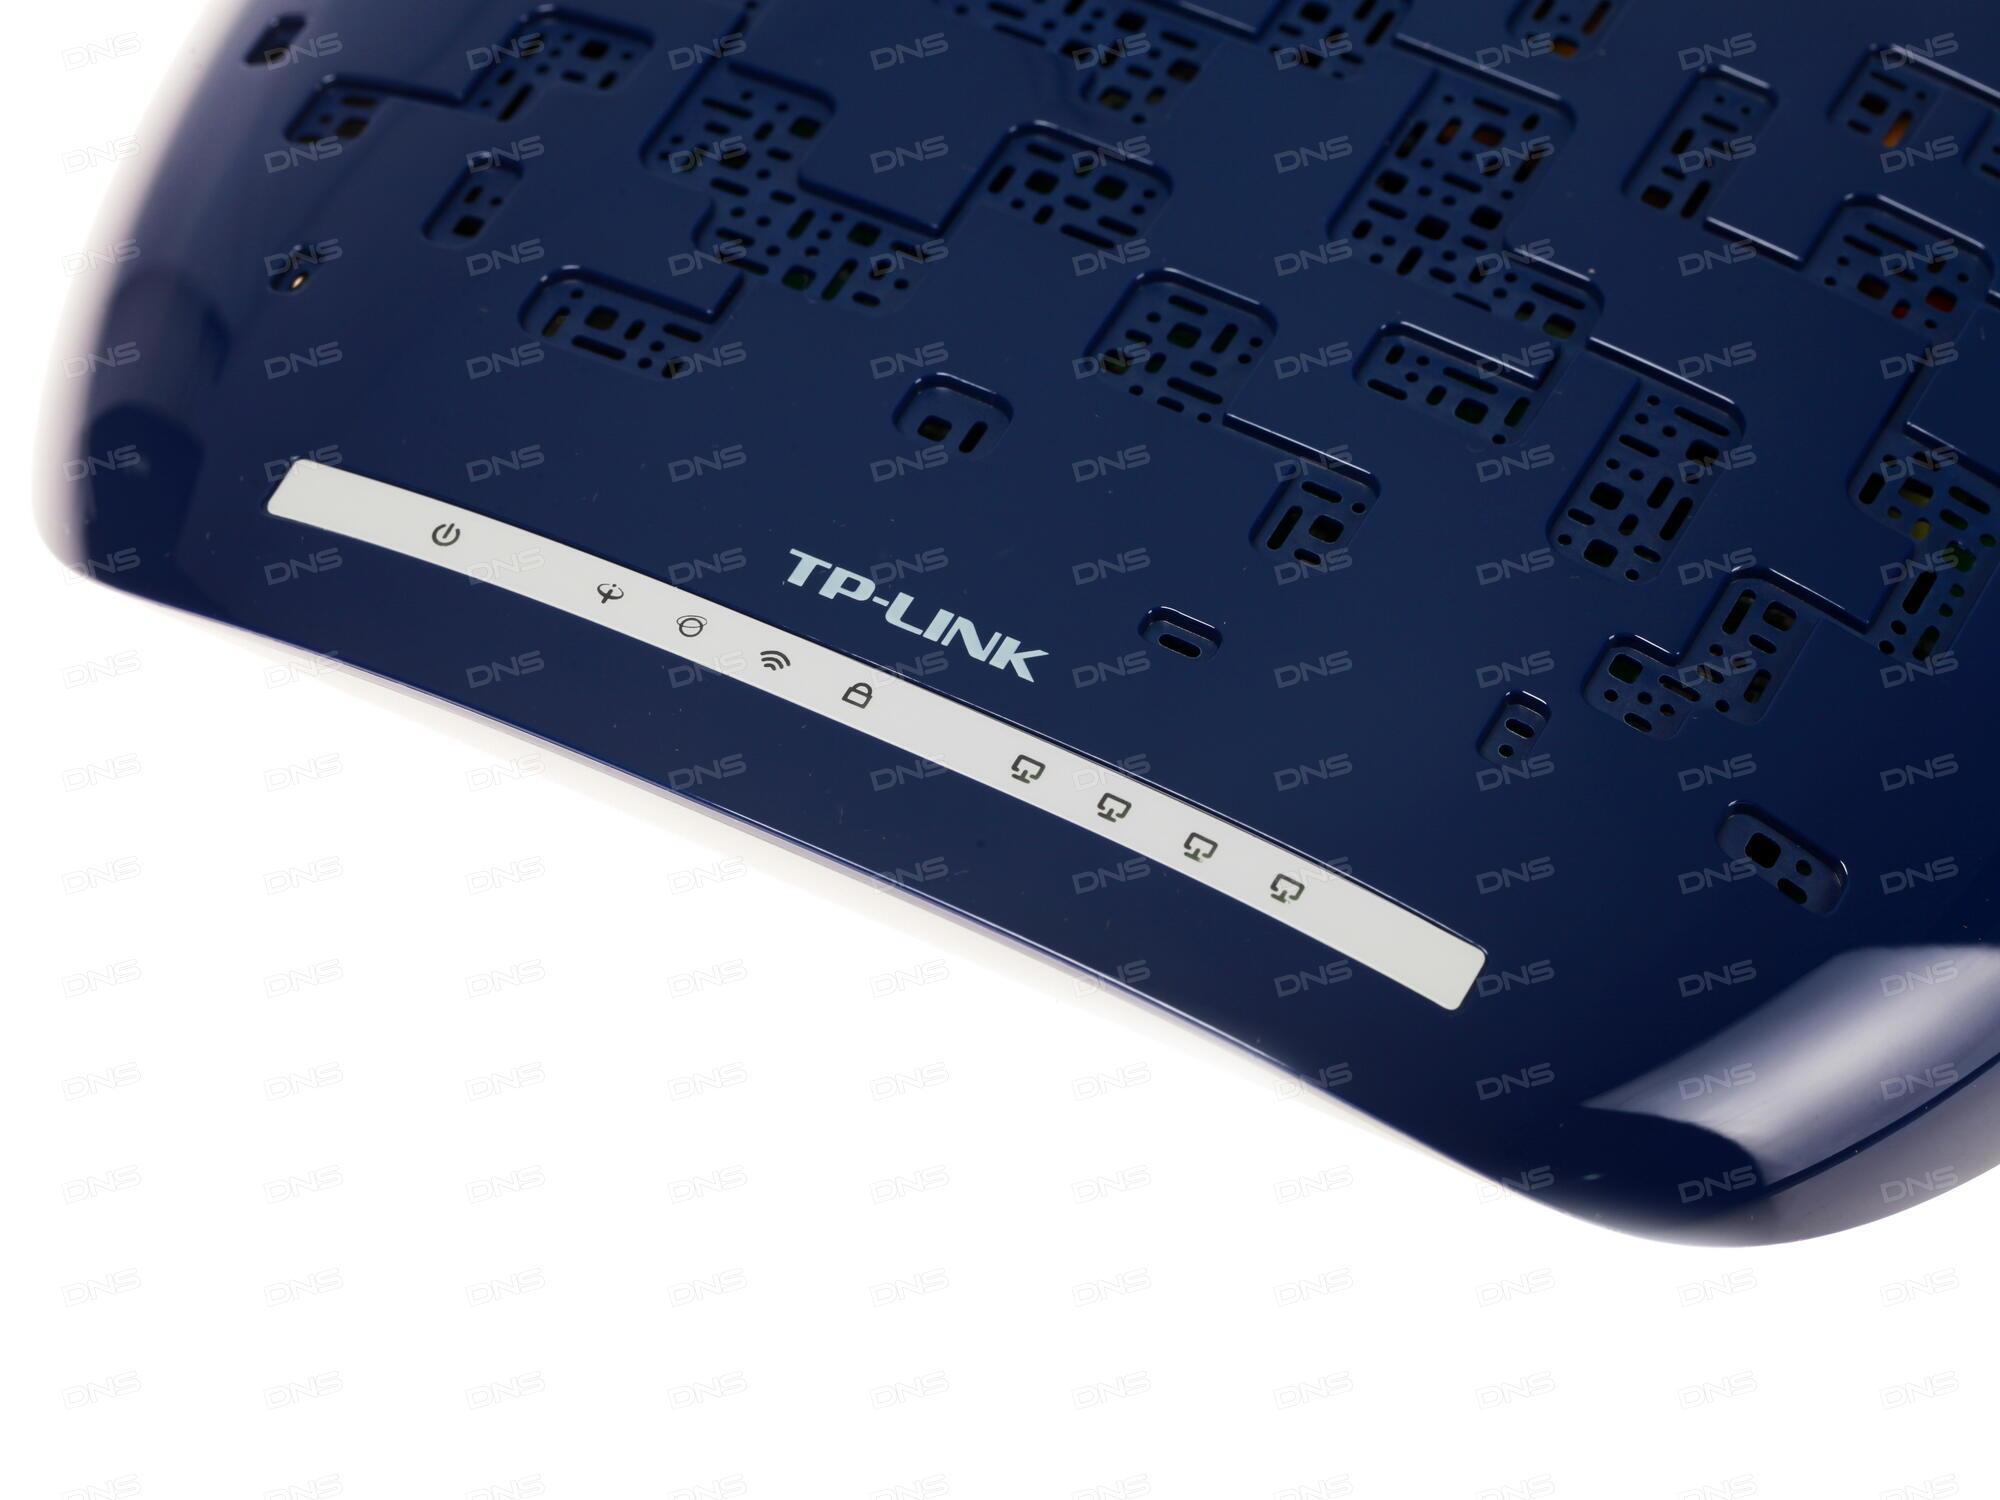 Маршрутизатор TP-LINK Archer C7 AC1750 Двухдиапазонный беспроводной гигабитный маршрутизатор